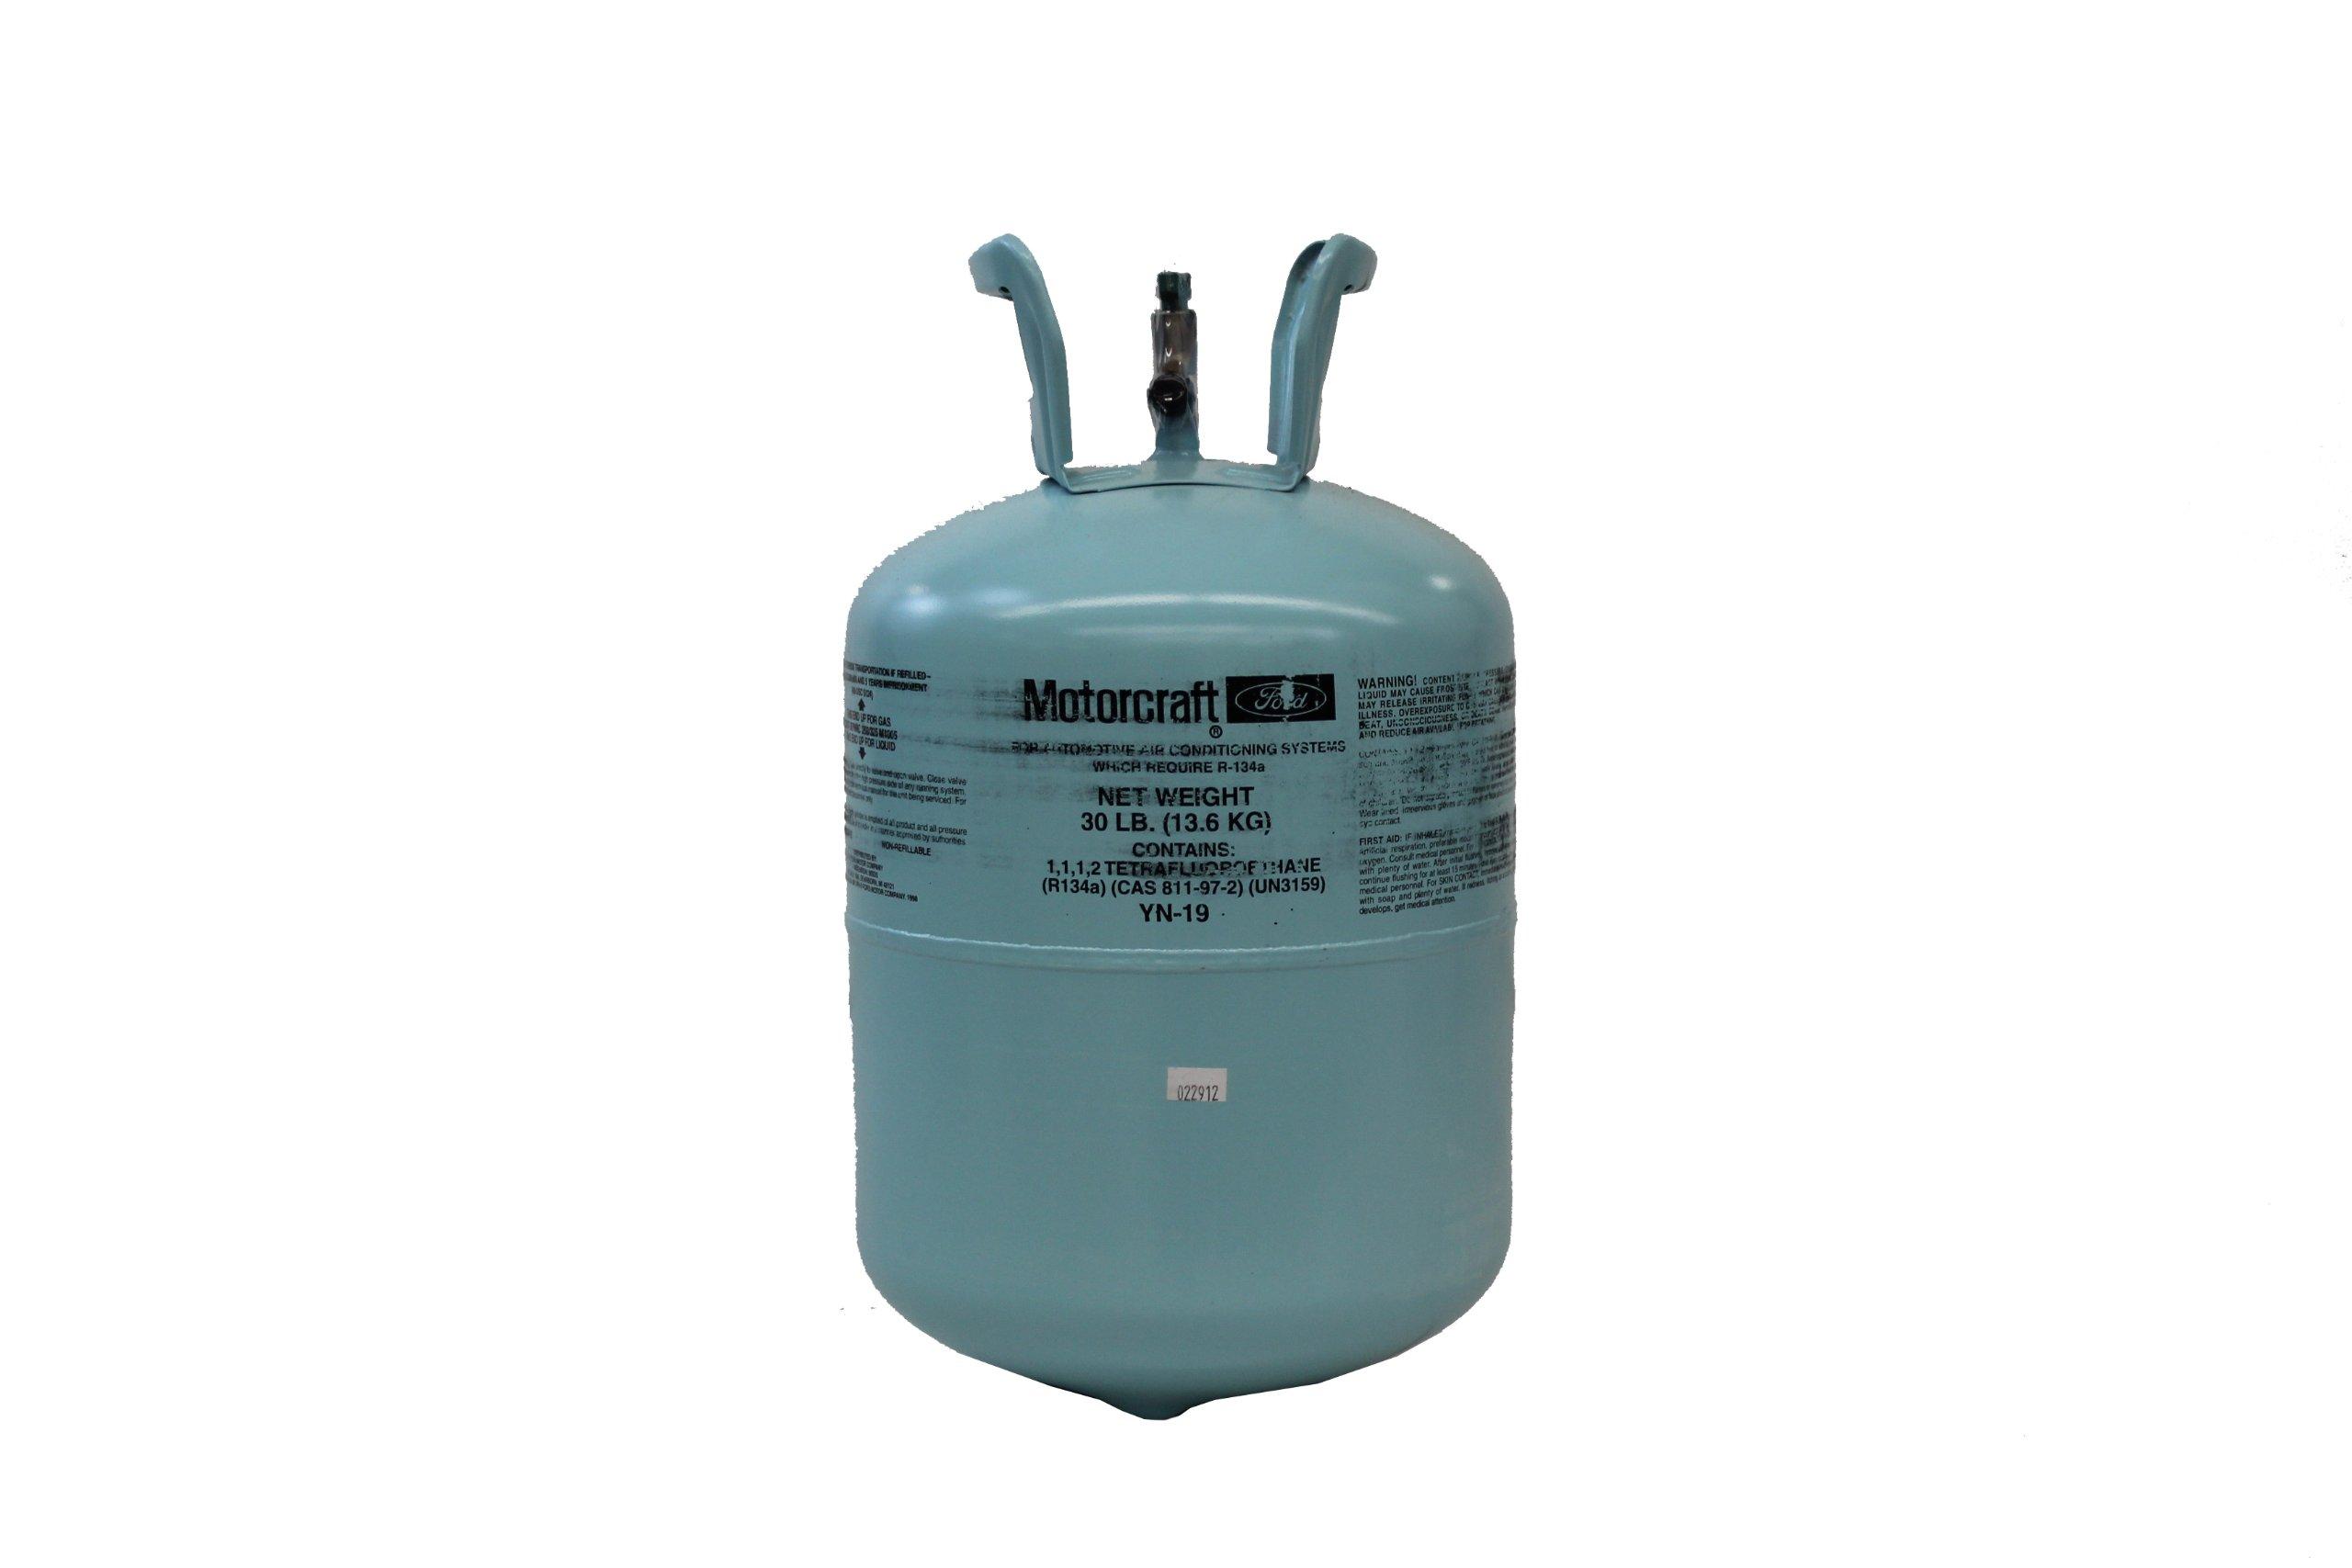 Genuine Ford Fluid YN-19 R-134a Refrigerant - 30 lb.